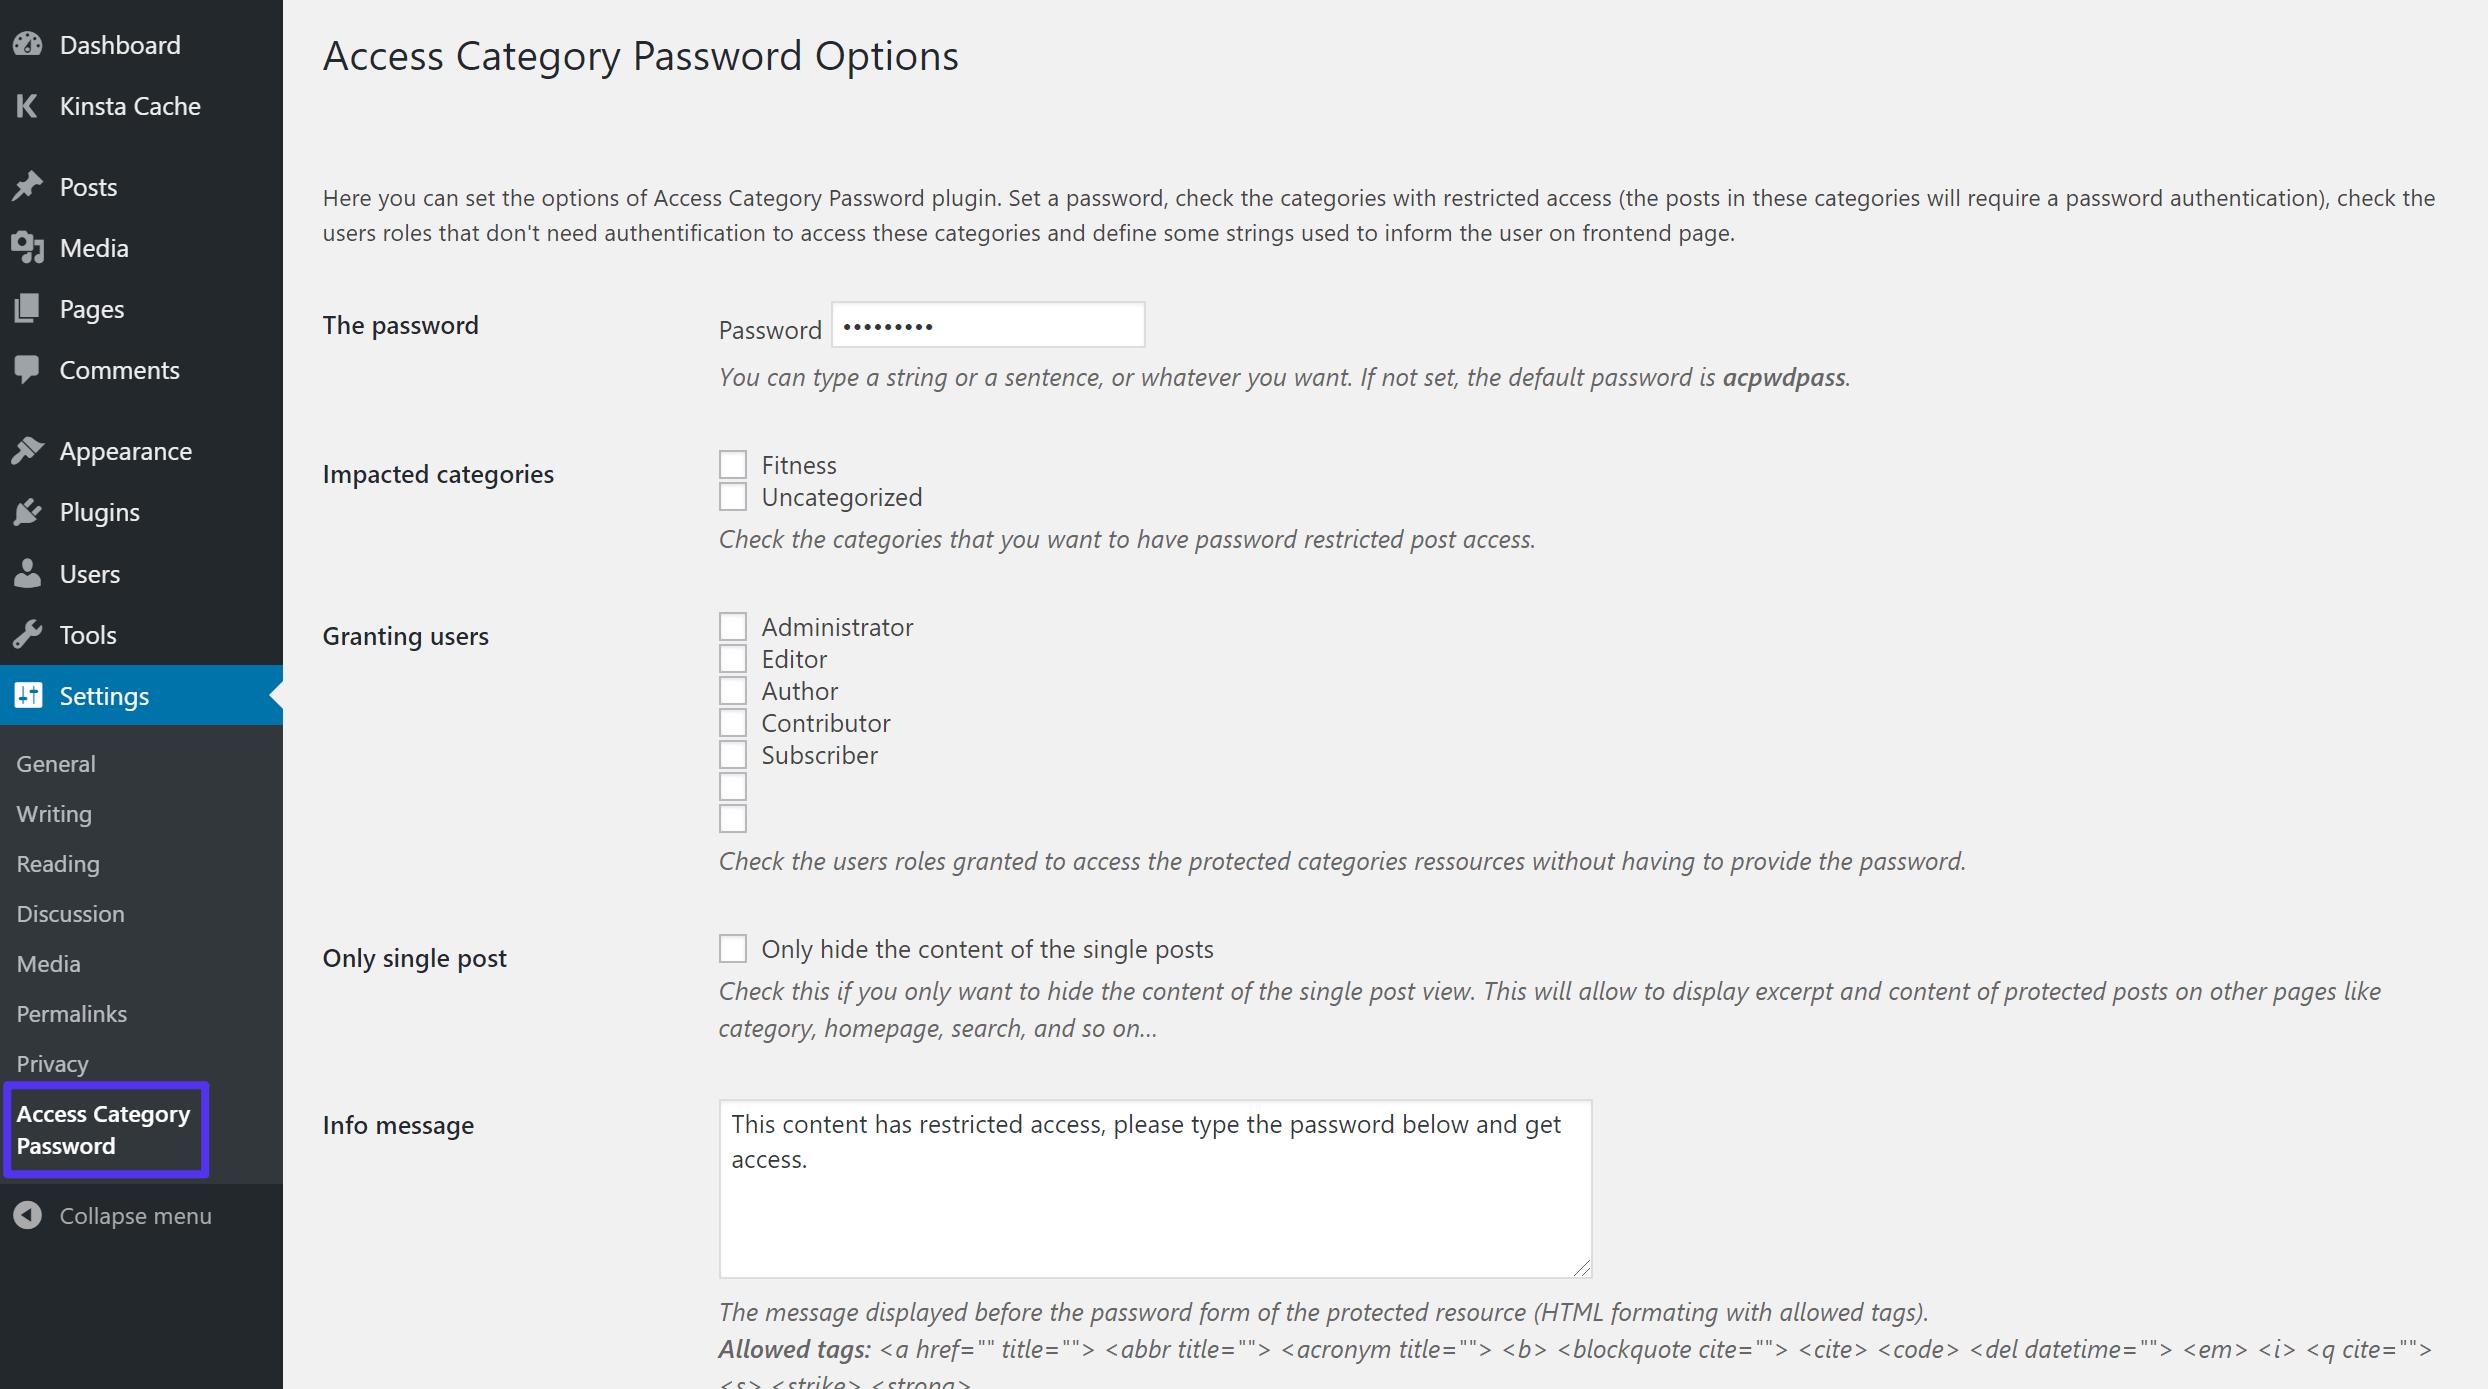 Réglages pour Access Category Password